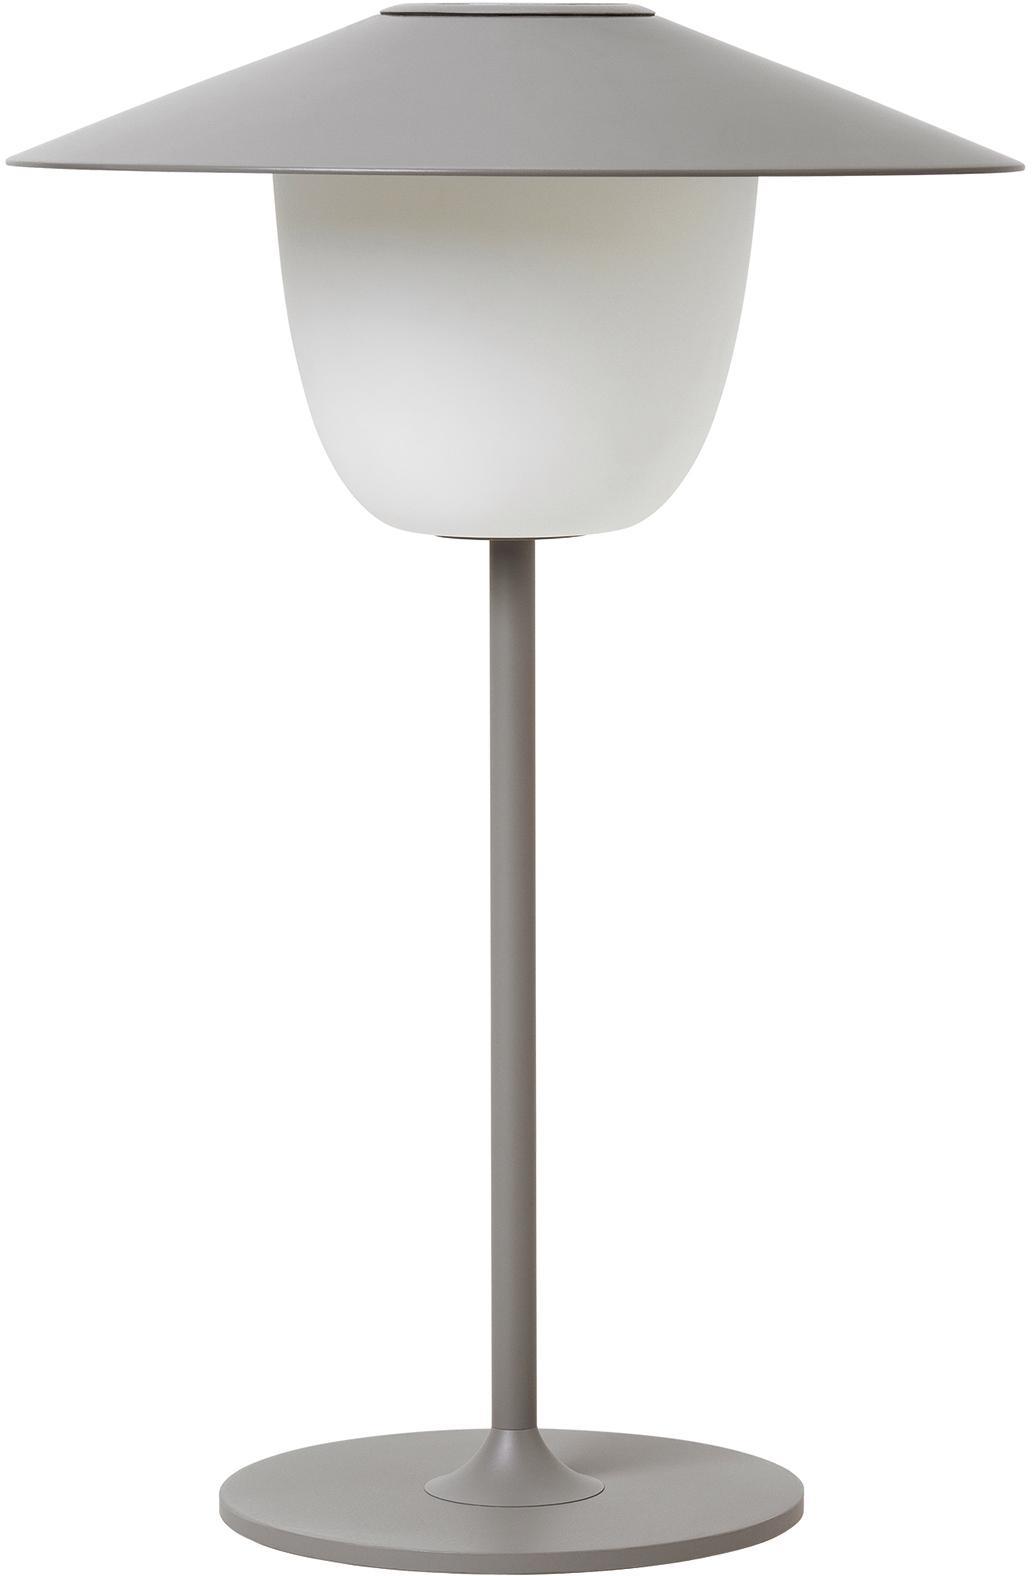 BLOMUS LED Tischleuchte ANI LAMP, LED-Board, Warmweiß, 3 fache Verwendungsmöglichkeit